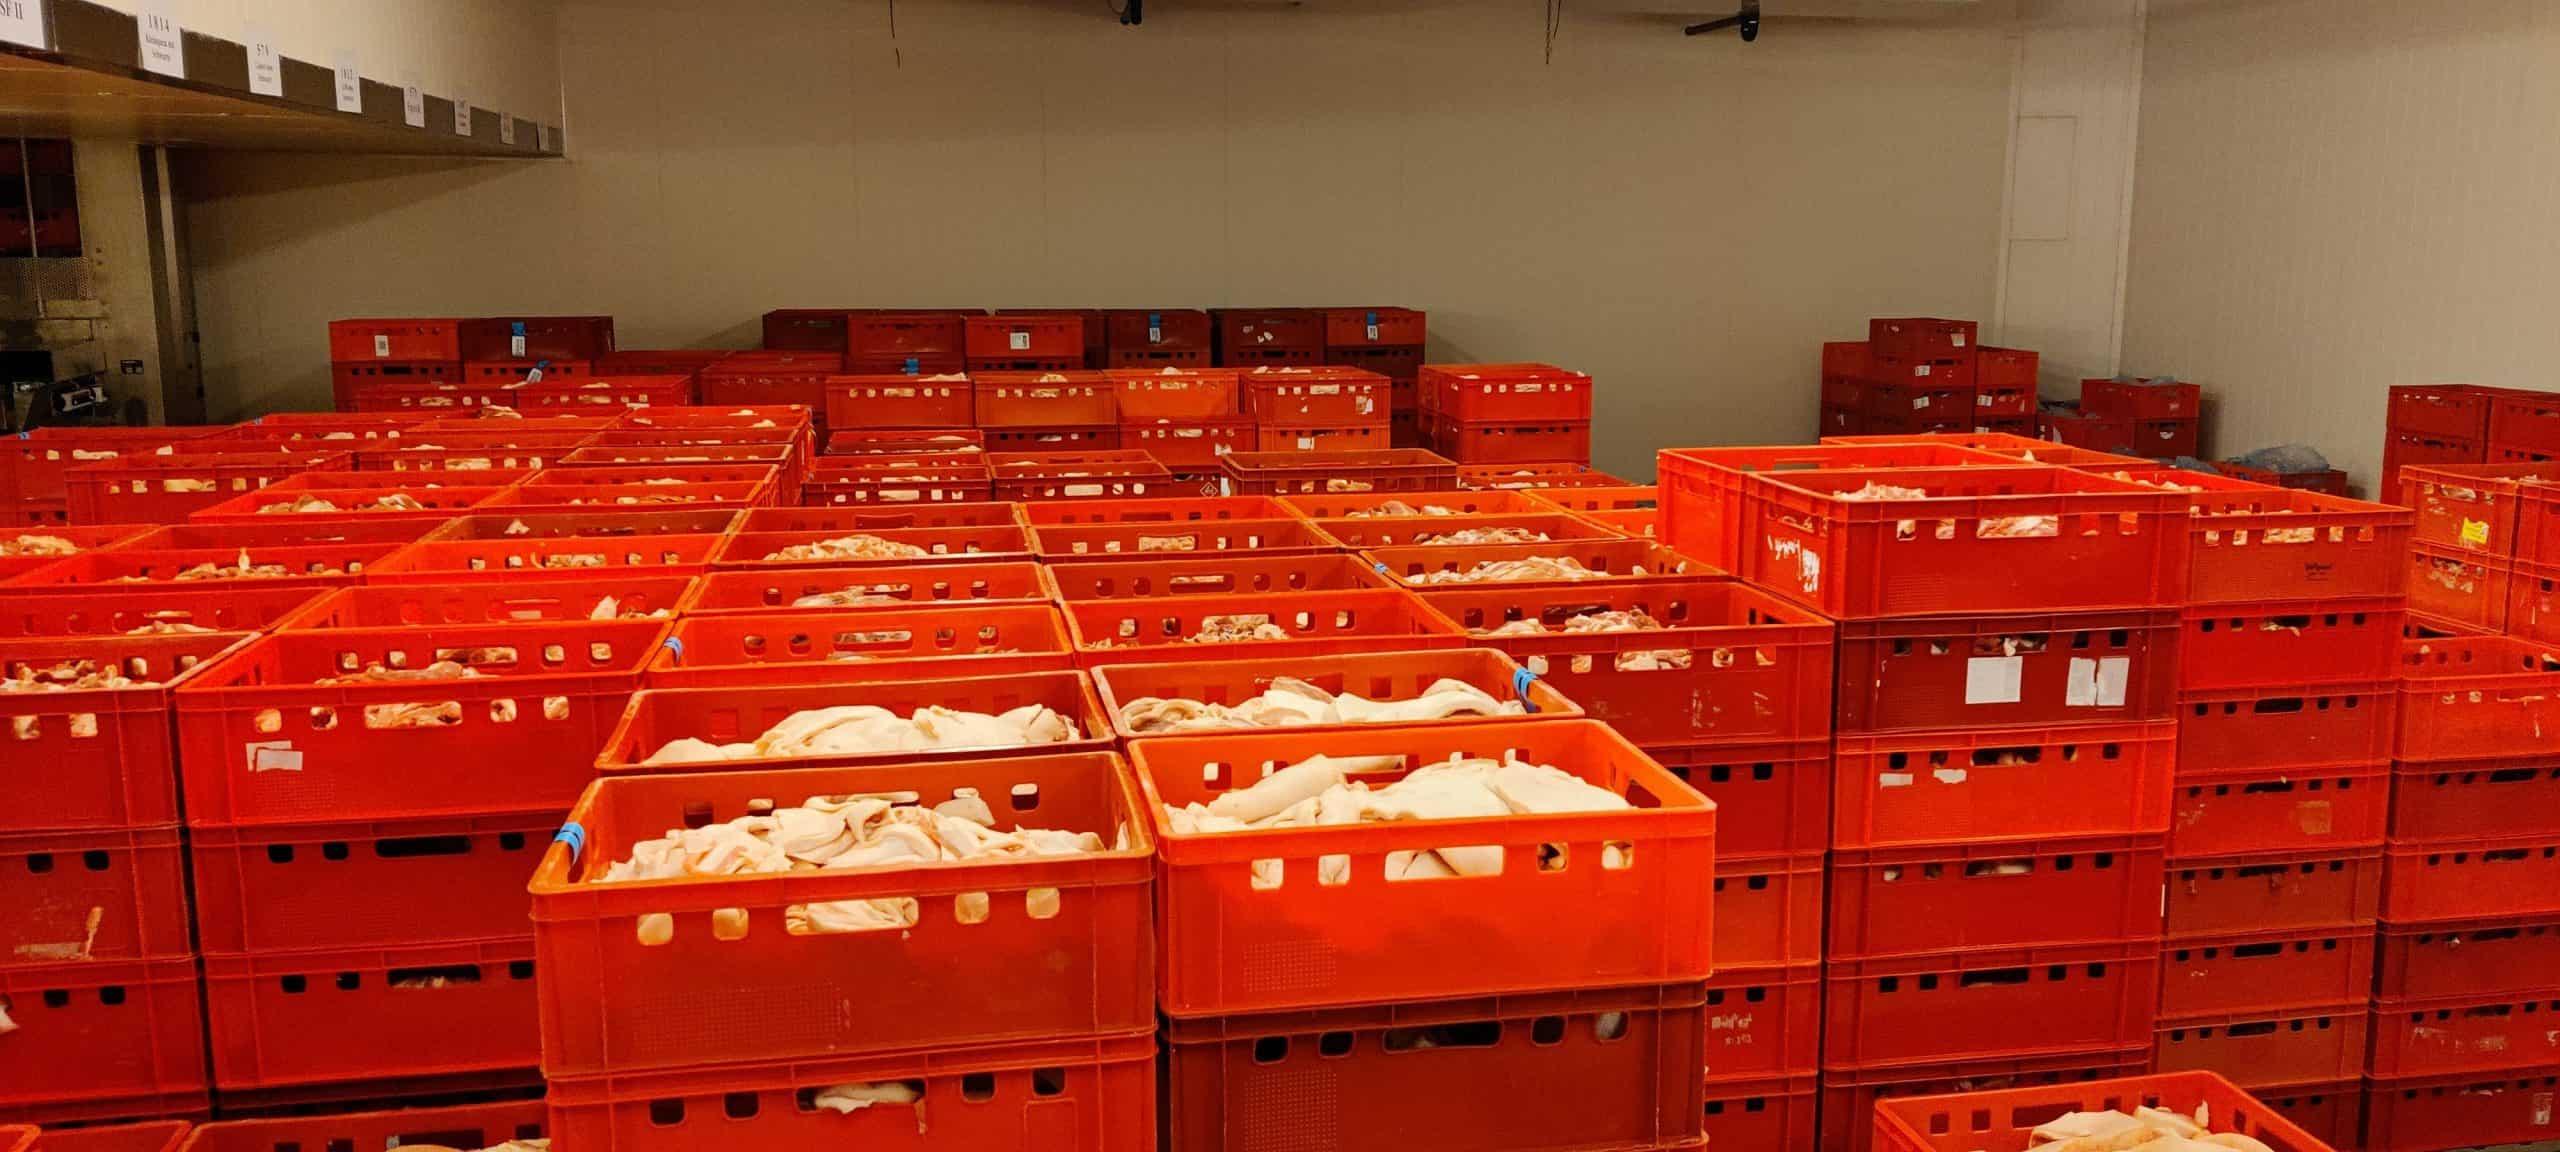 Rohstoffkühlraum Wursterei bei Berger Schinken - Fleisch in roten Fleischkisten